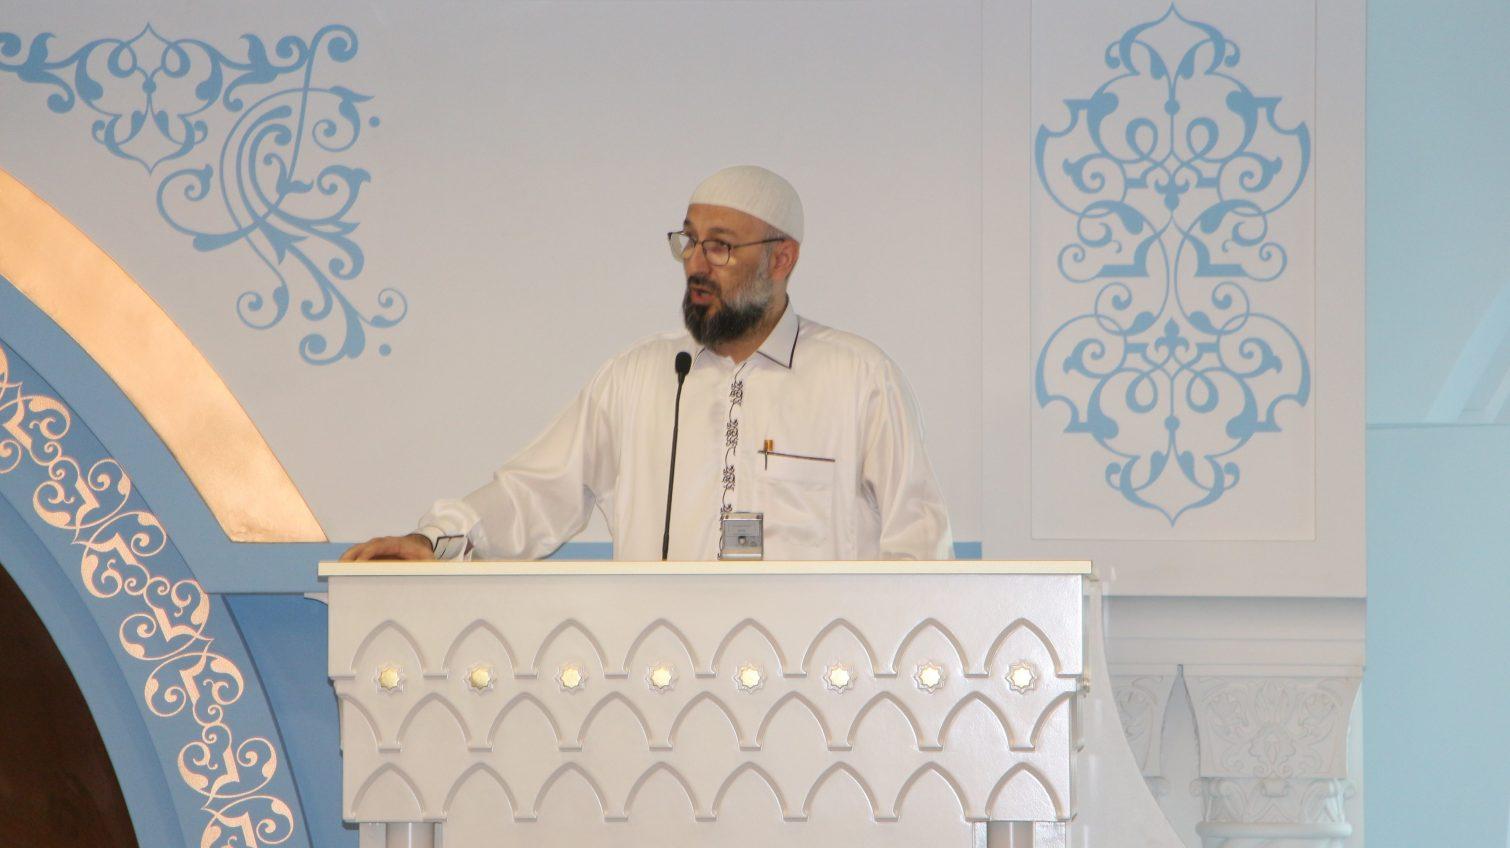 В Одессе мусульмане празднуют Курбан-байрам (фото, видео) «фото»